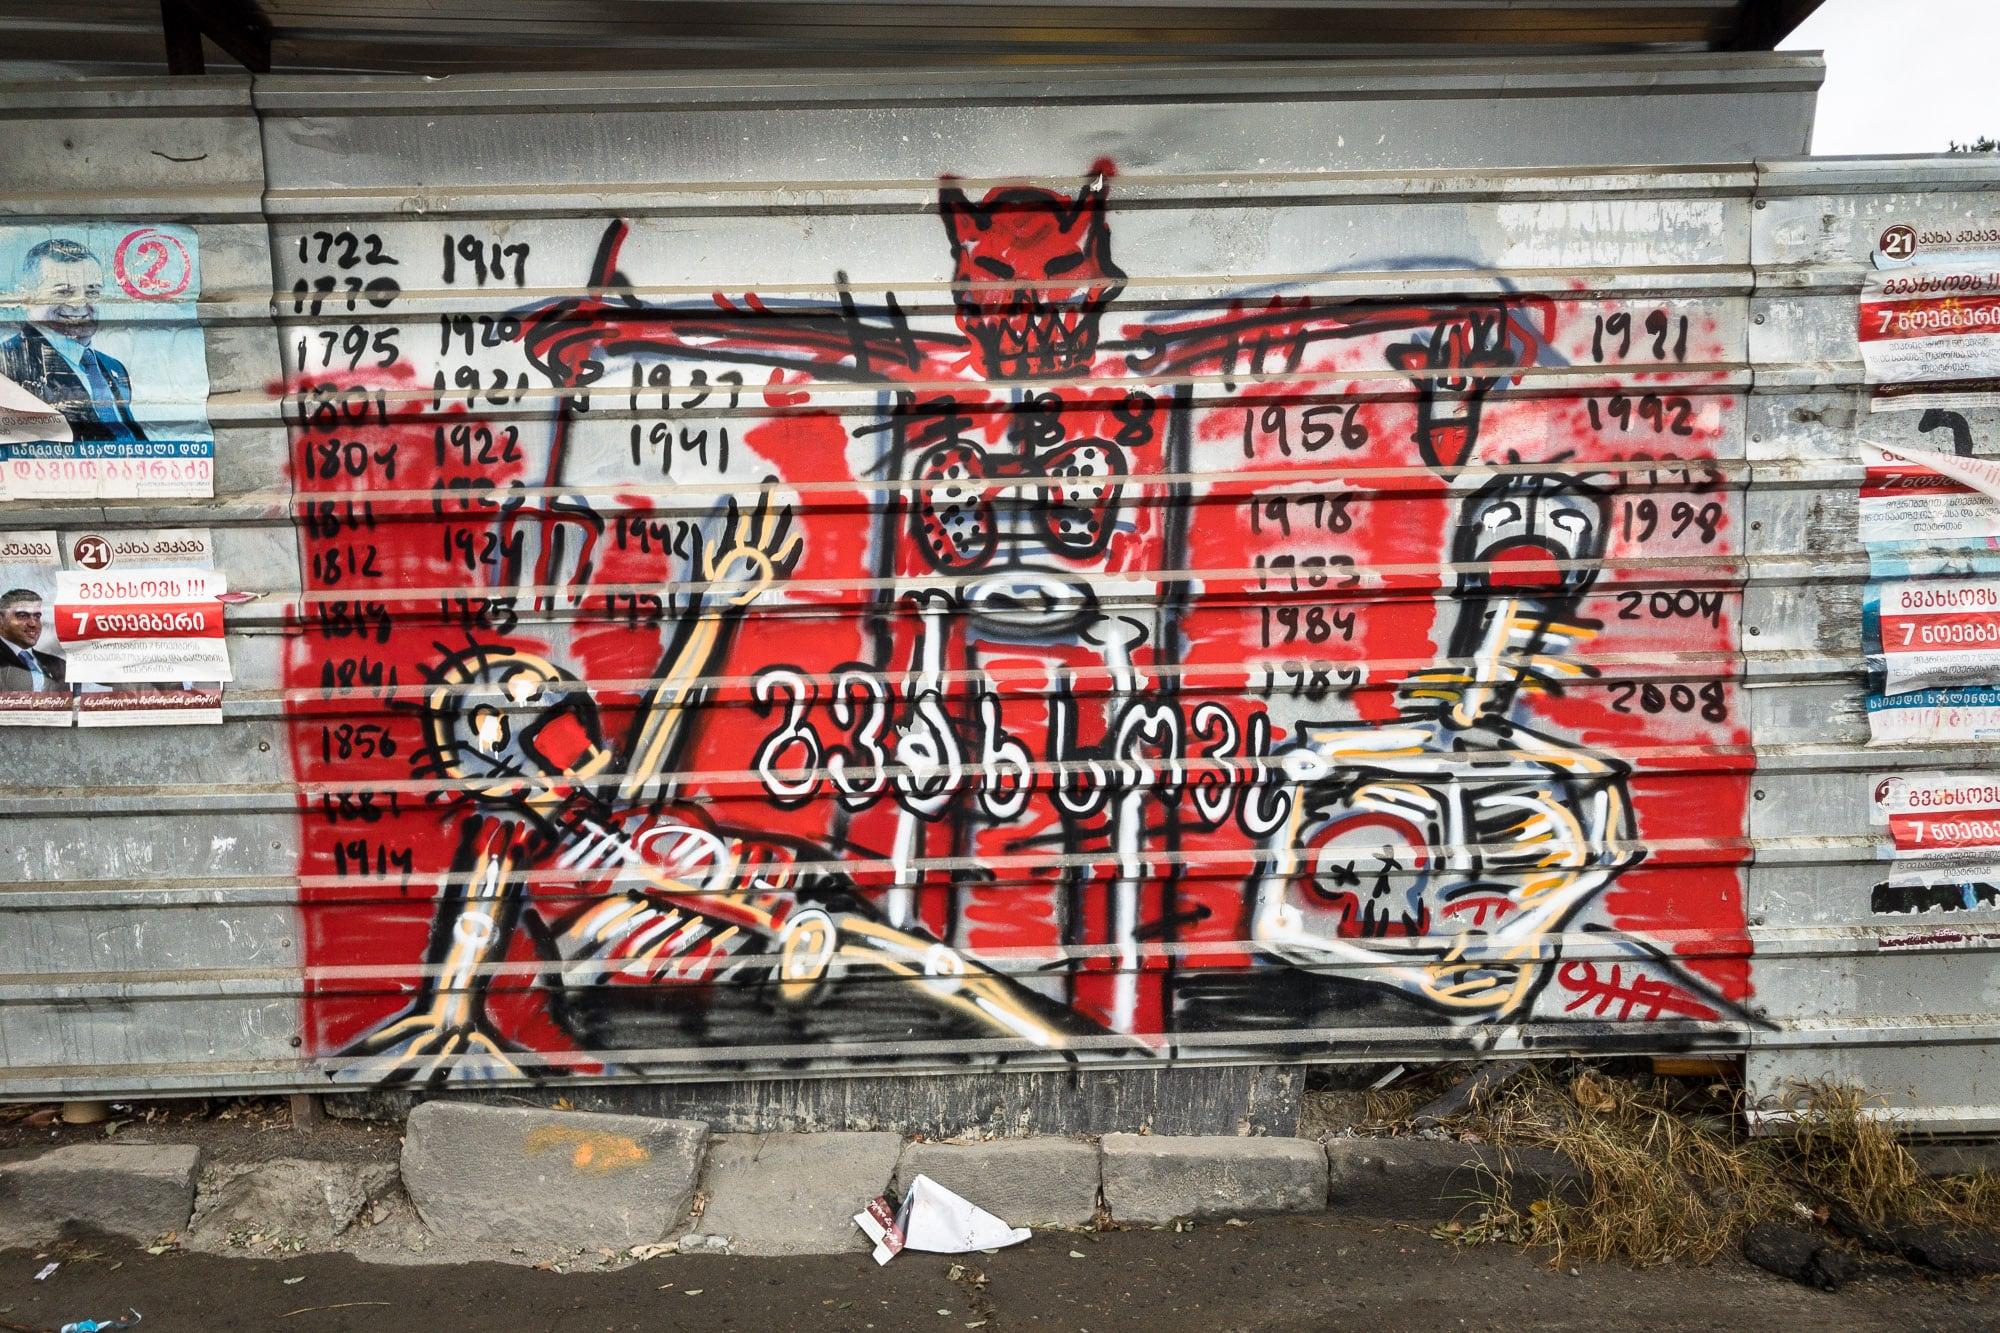 graffito in Tbilisi